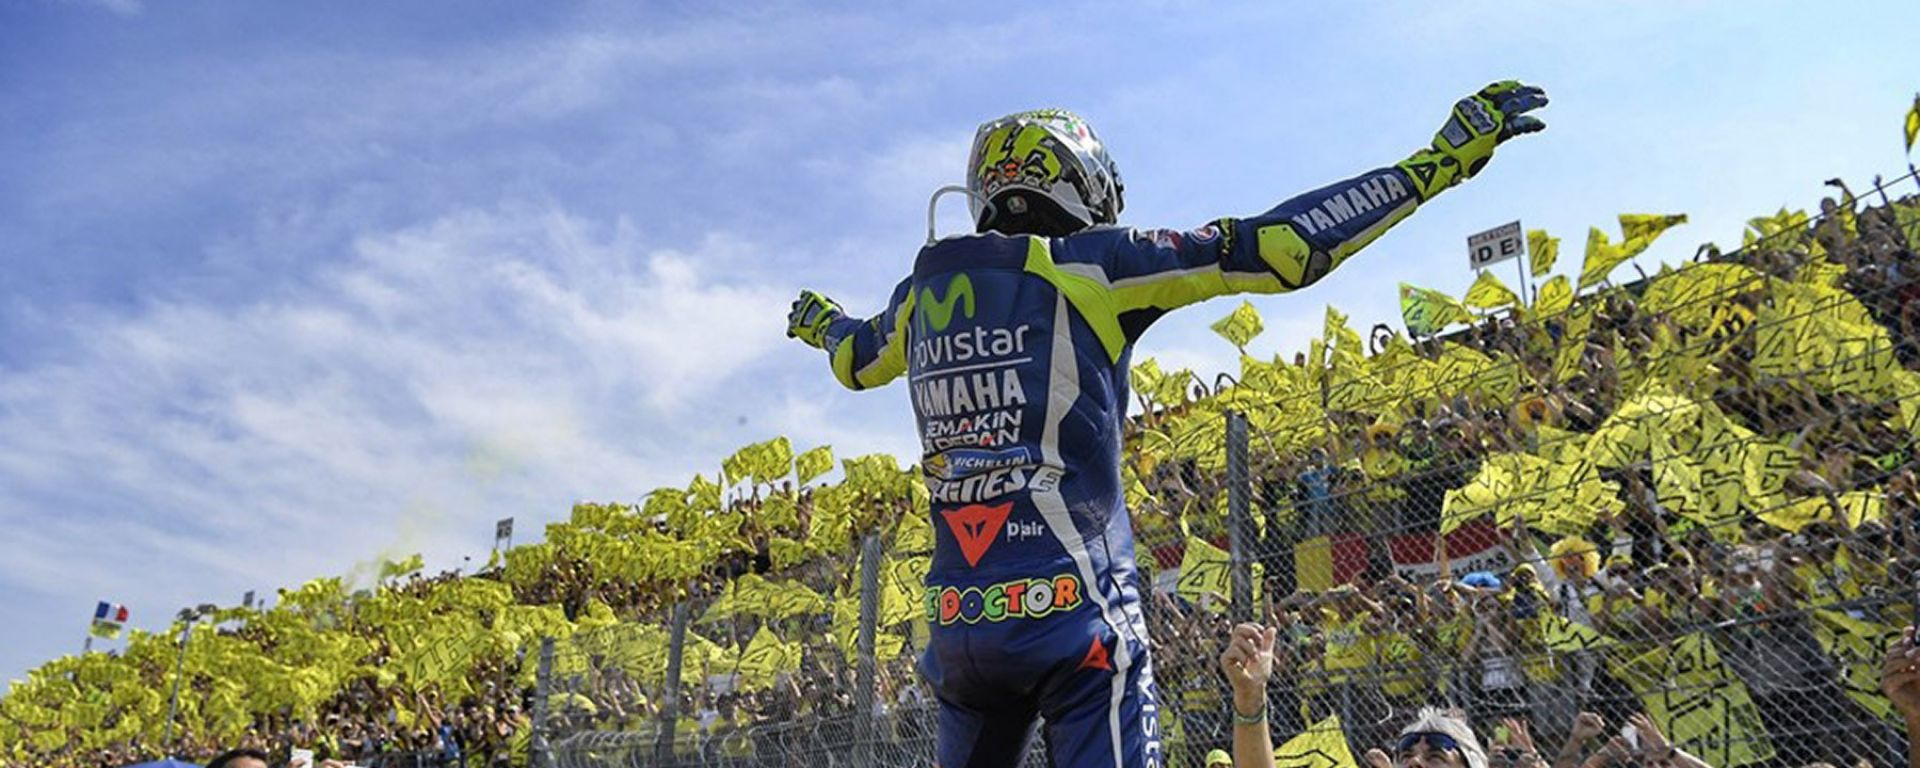 MotoGP San Marino Misano 2018, tutte le info: orari, risultati prove, qualifiche e gara